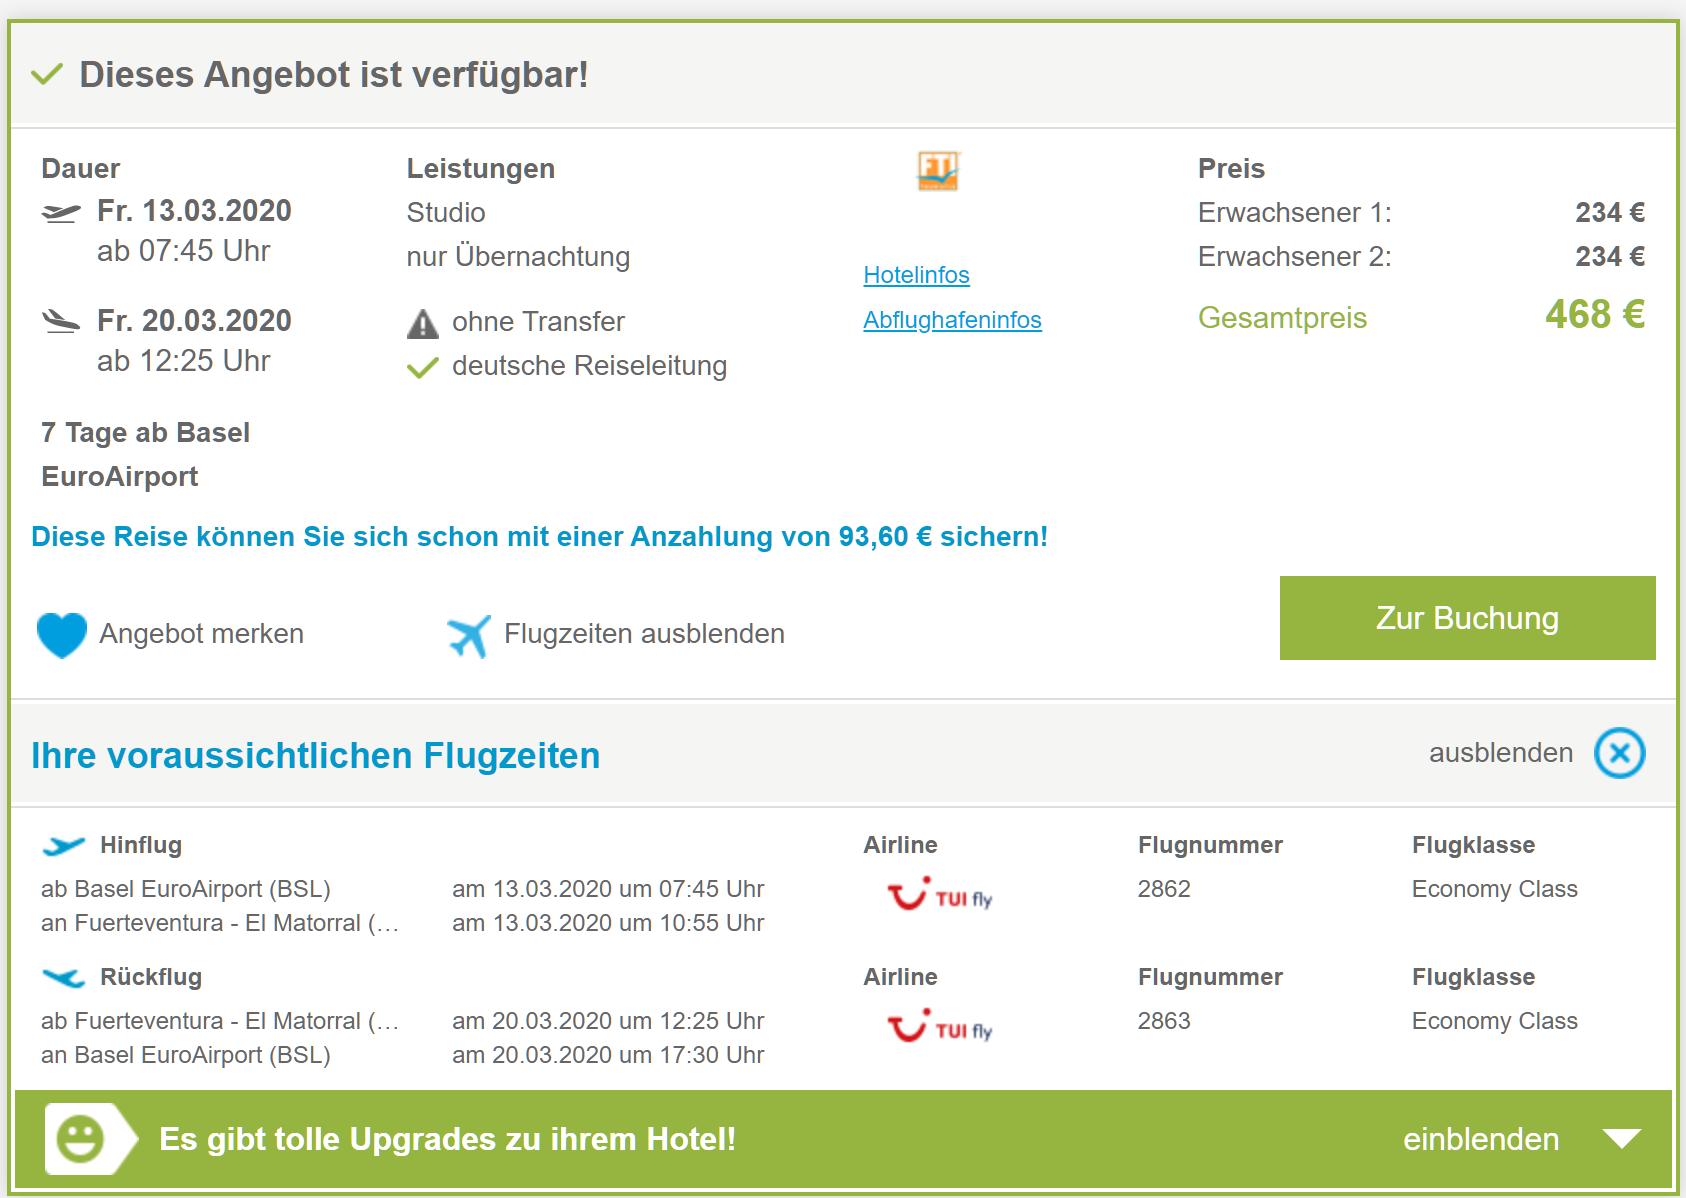 7 Tage Fuerteventura inkl. Hotel und Flug für 324 EUR pro Person